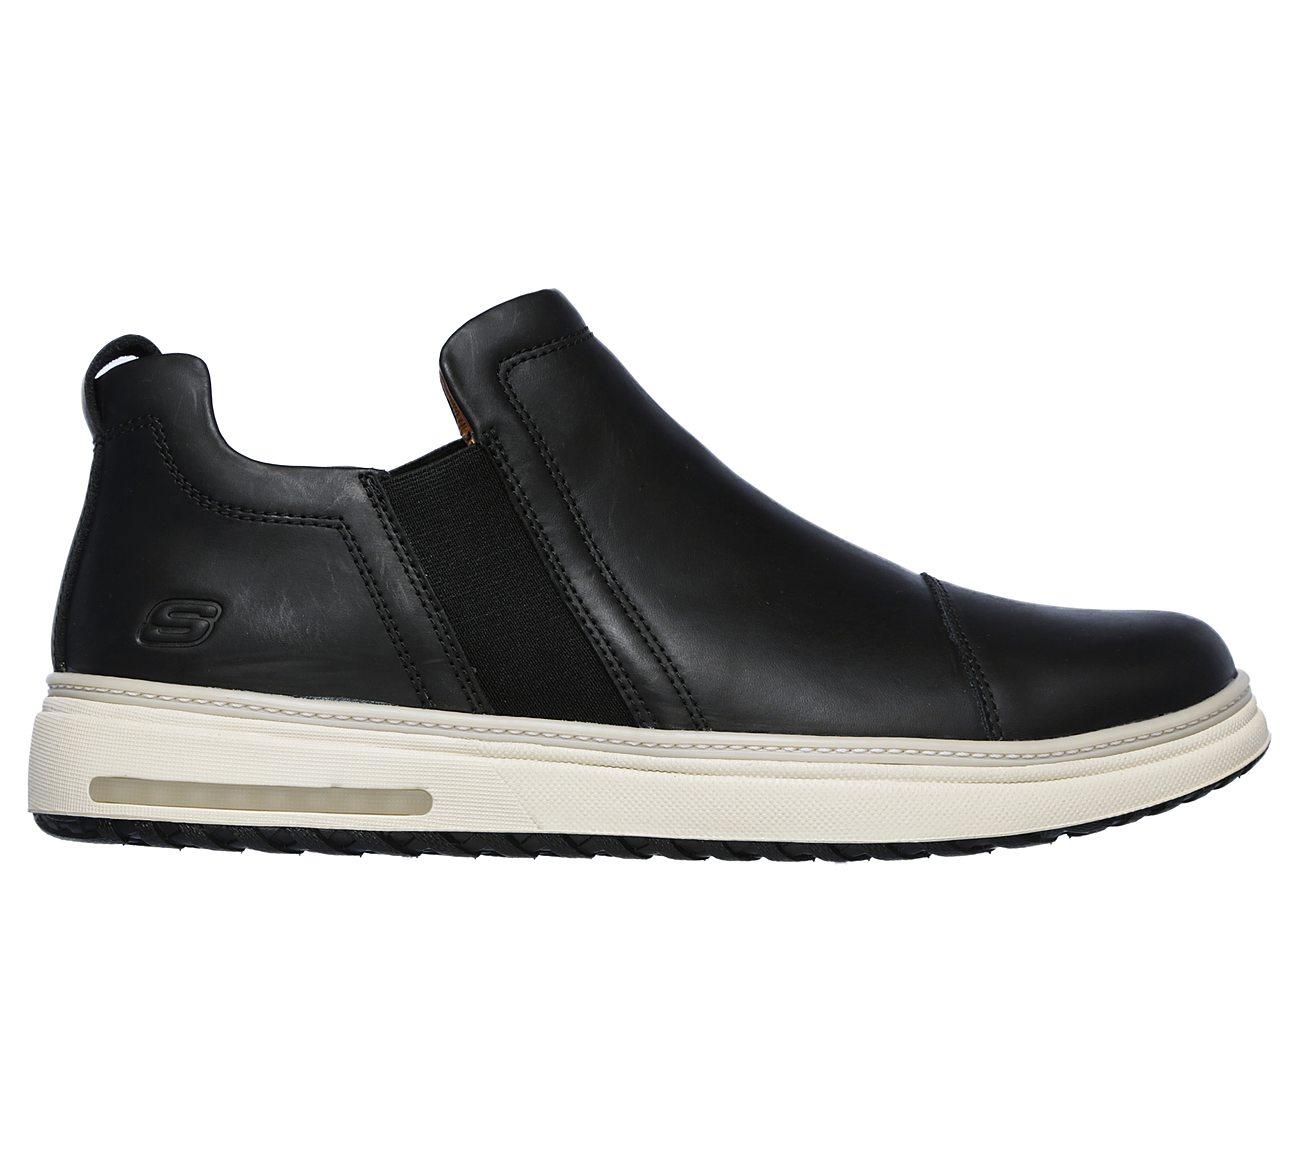 novia recepción enaguas  Buy SKECHERS Folten - Orego USA Casuals Shoes